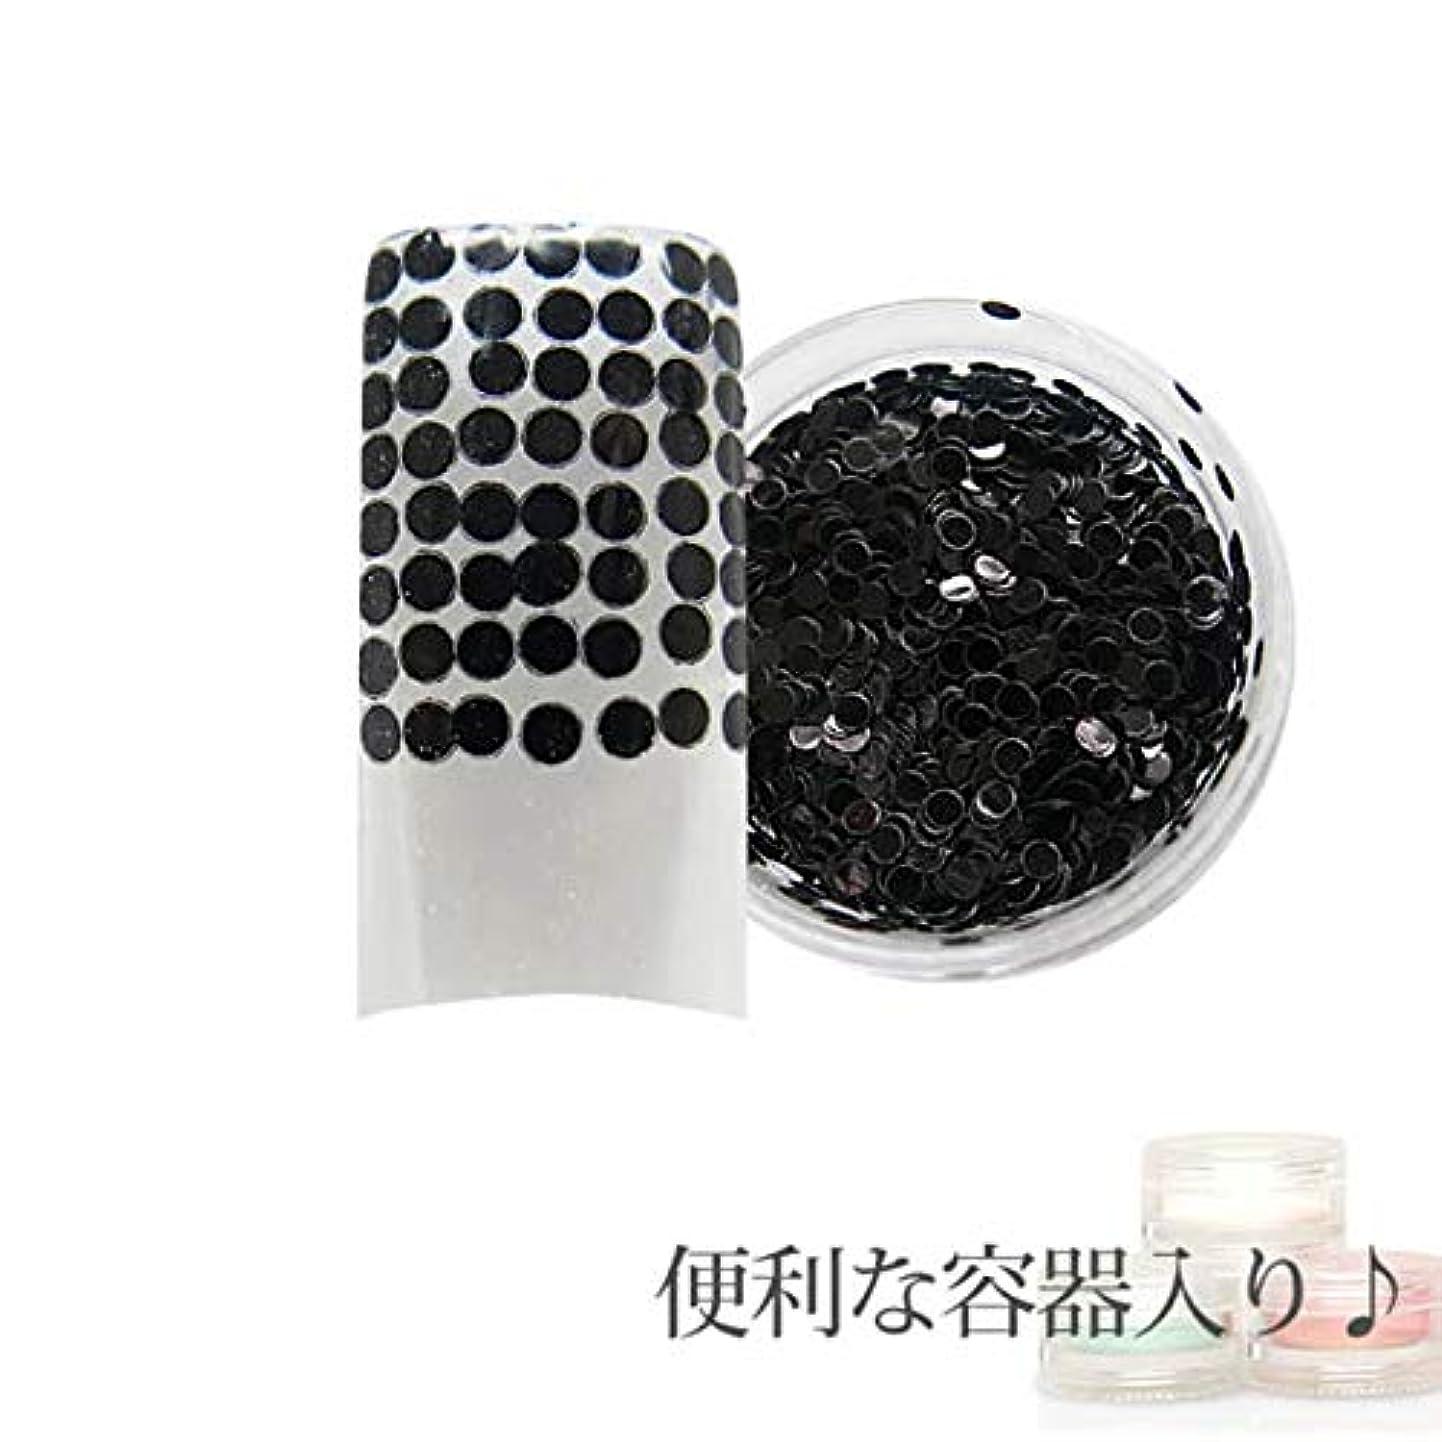 コンテンポラリースキッパージェーンオースティン容器入り 丸ホログラム ブラック 1.5ミリ 0.5g